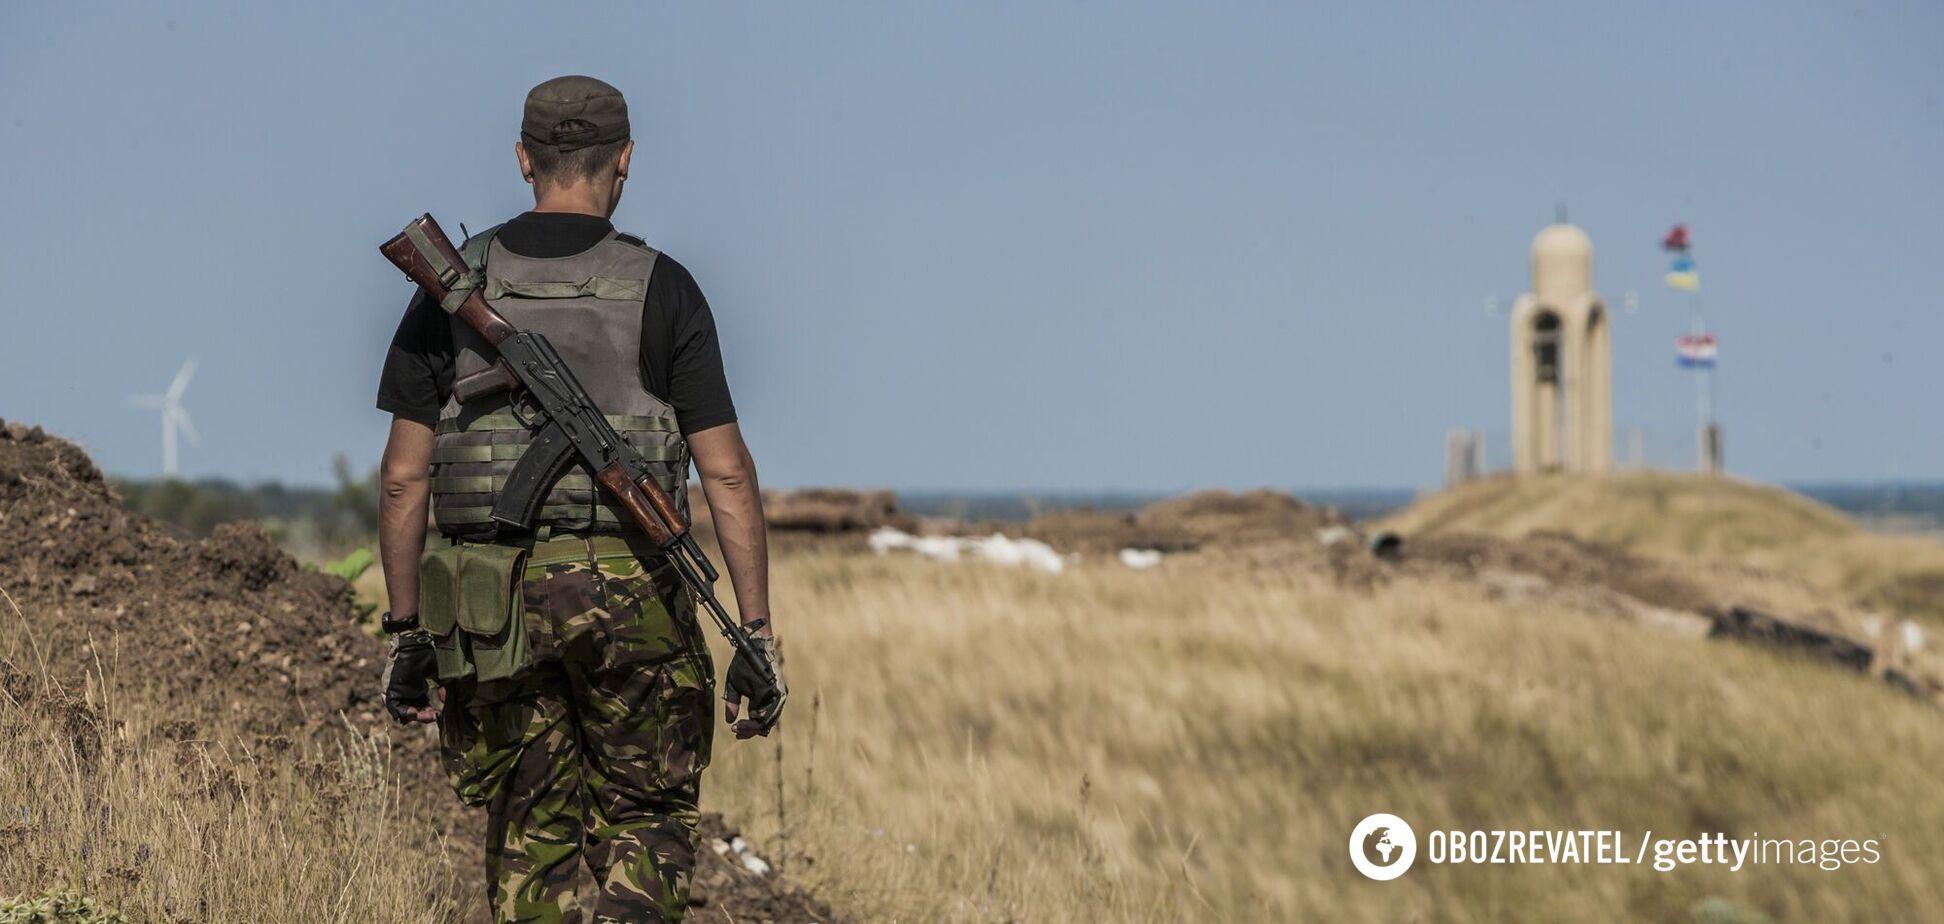 Окупанти обстріляли позиції ЗСУ на Донбасі: є загиблий та поранені – штаб ООС